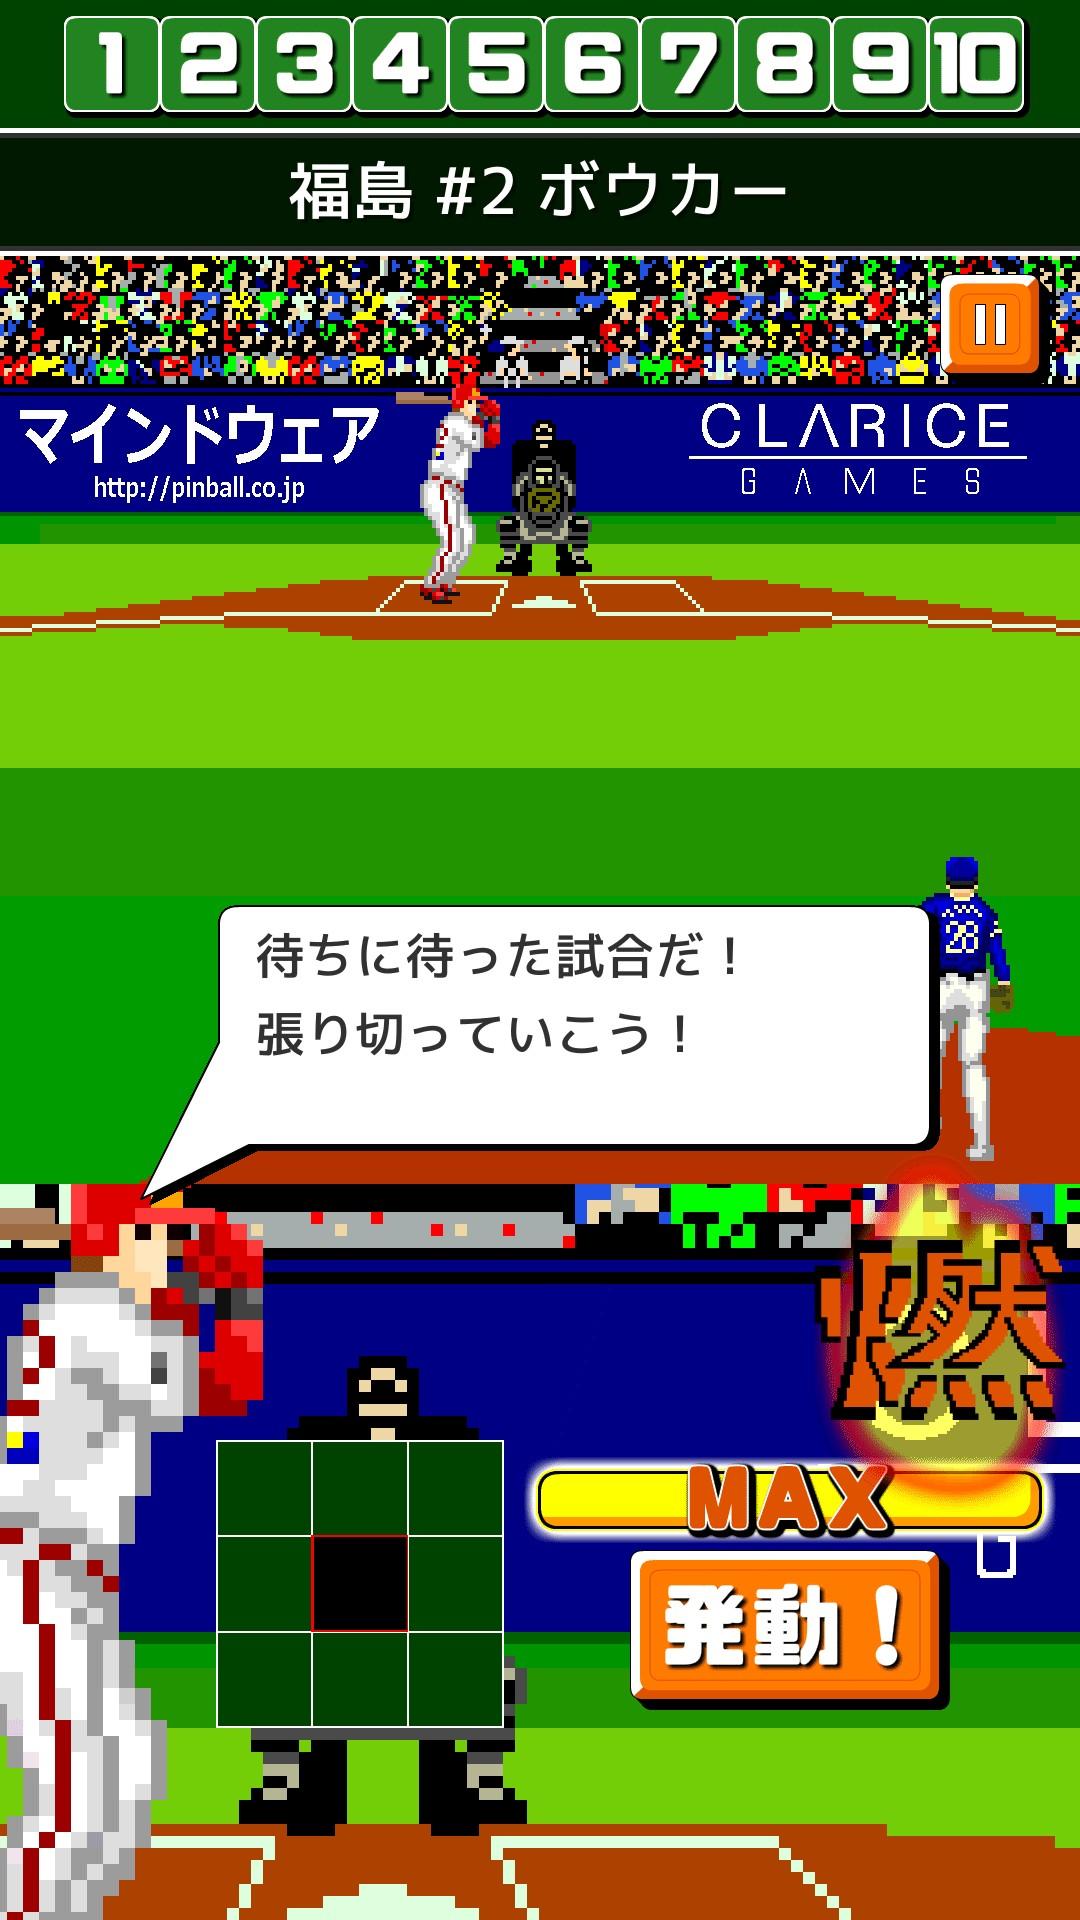 燃えろ!!プロ野球の画像 p1_5